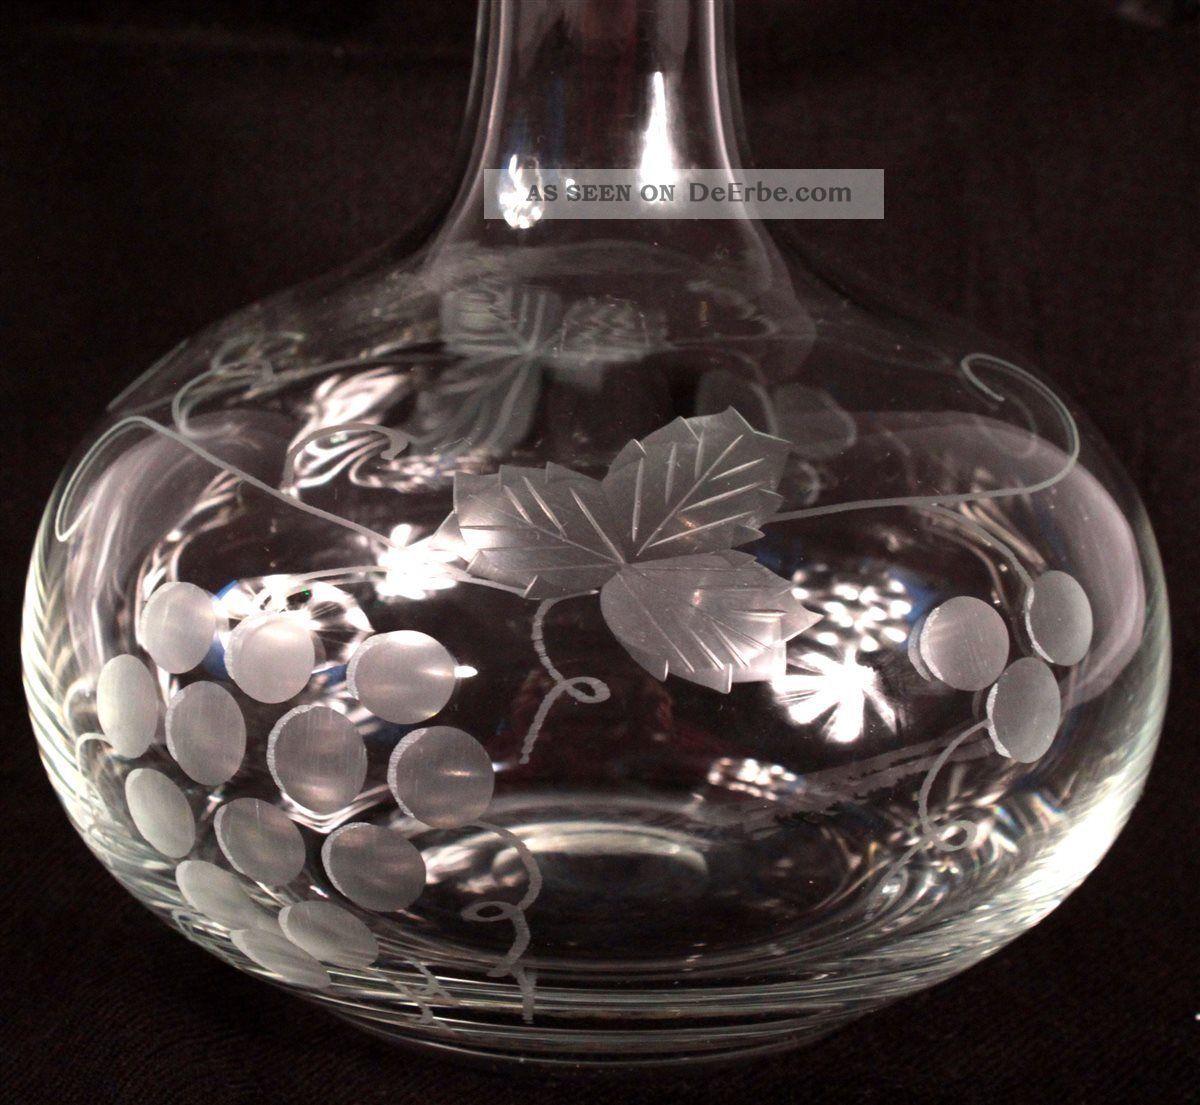 wein lik r whiskey karaffe flasche kristall ranken trauben dekander. Black Bedroom Furniture Sets. Home Design Ideas